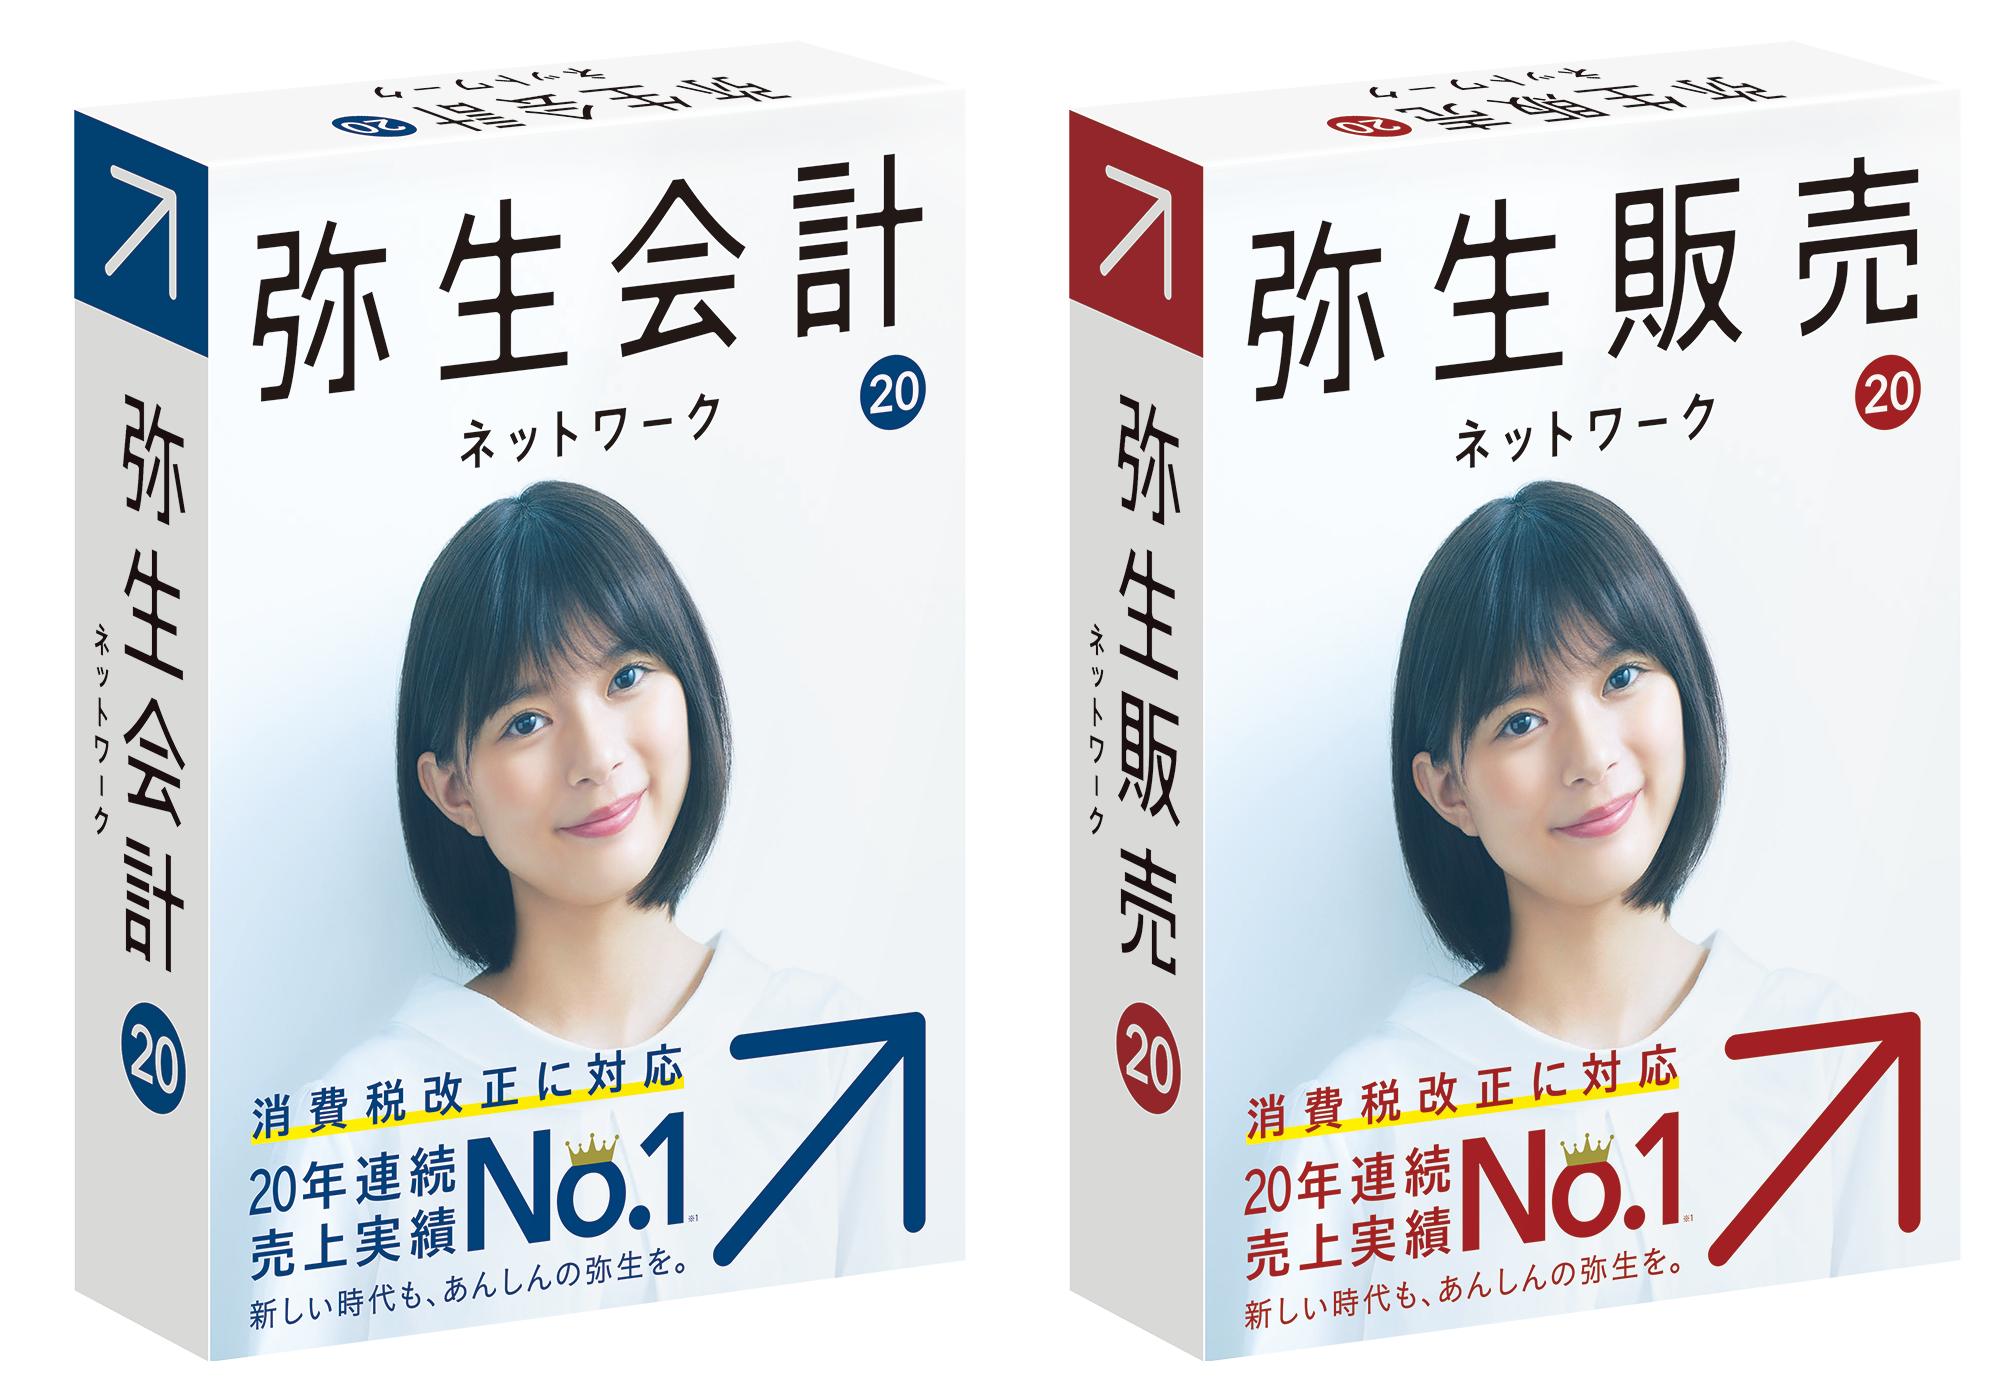 https://www.yayoinotatsujin.net/blog/kaihan.png